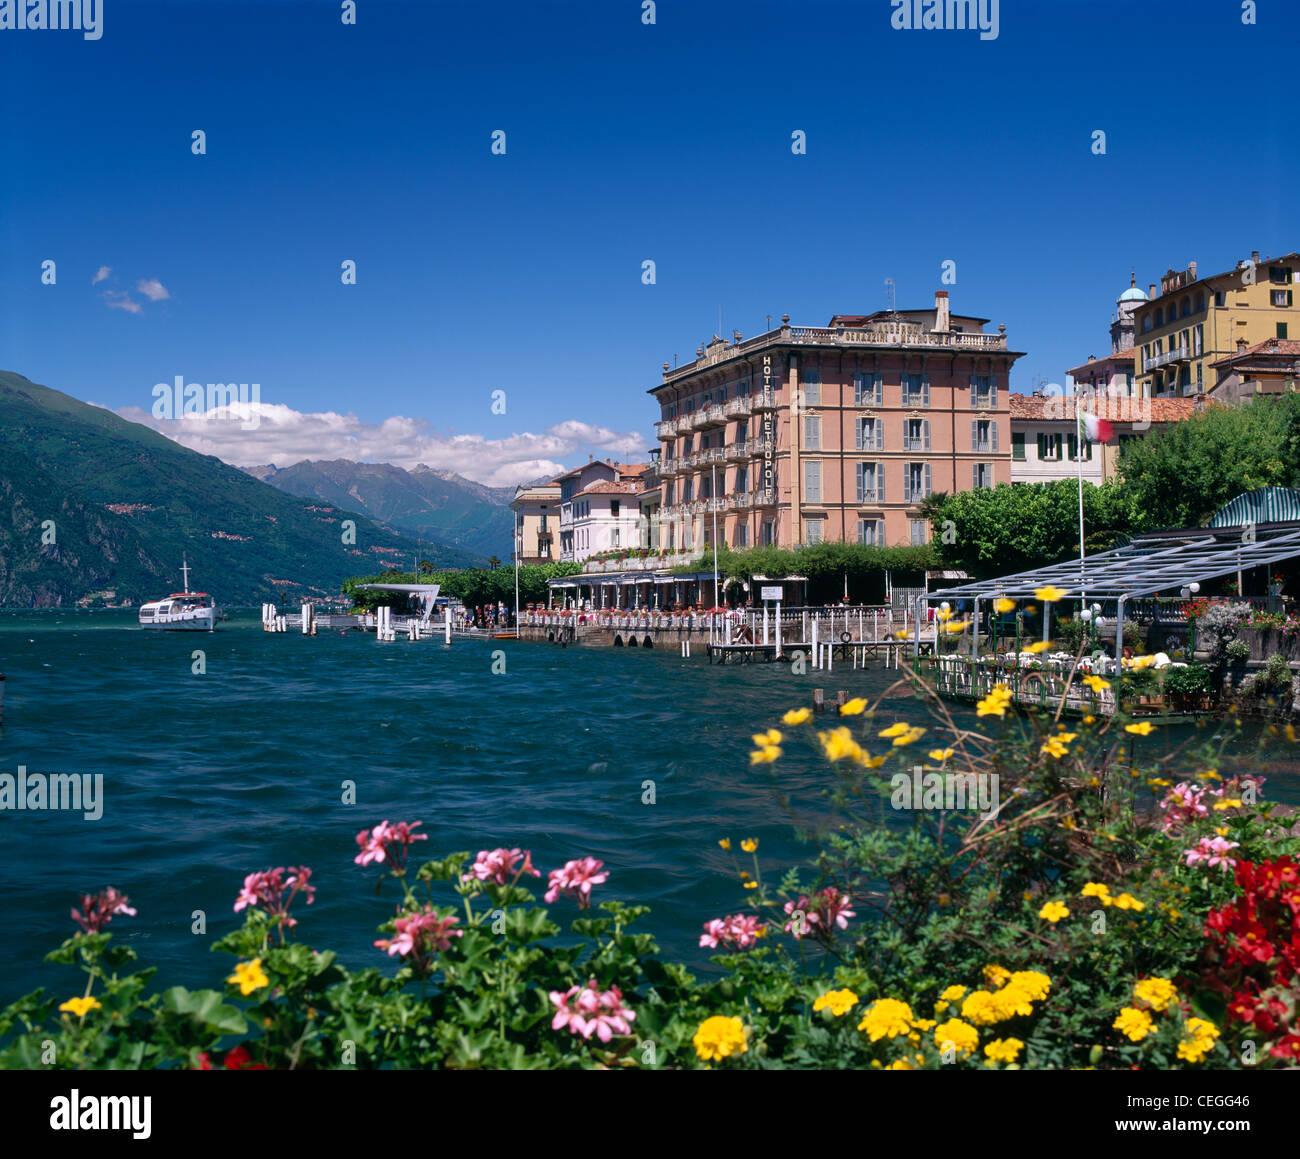 Das Hotel Metropole Bellagio und Comer See, Lombardei, Italien. Stockbild